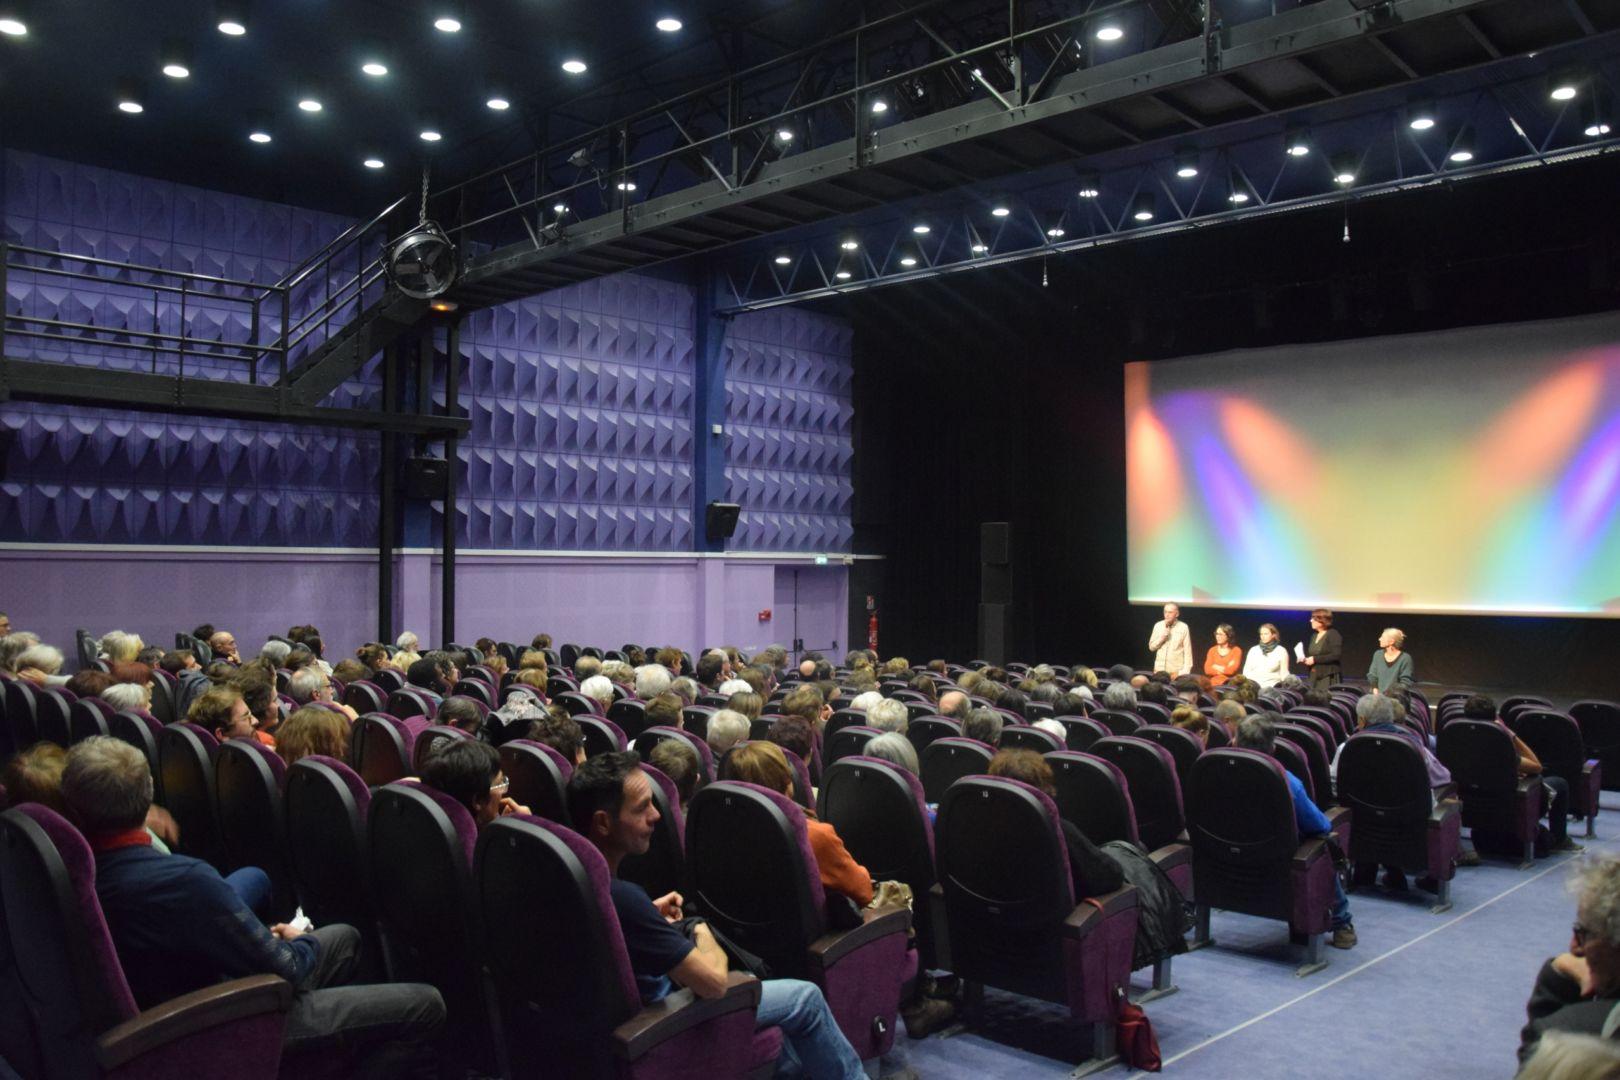 Cinéma avec public